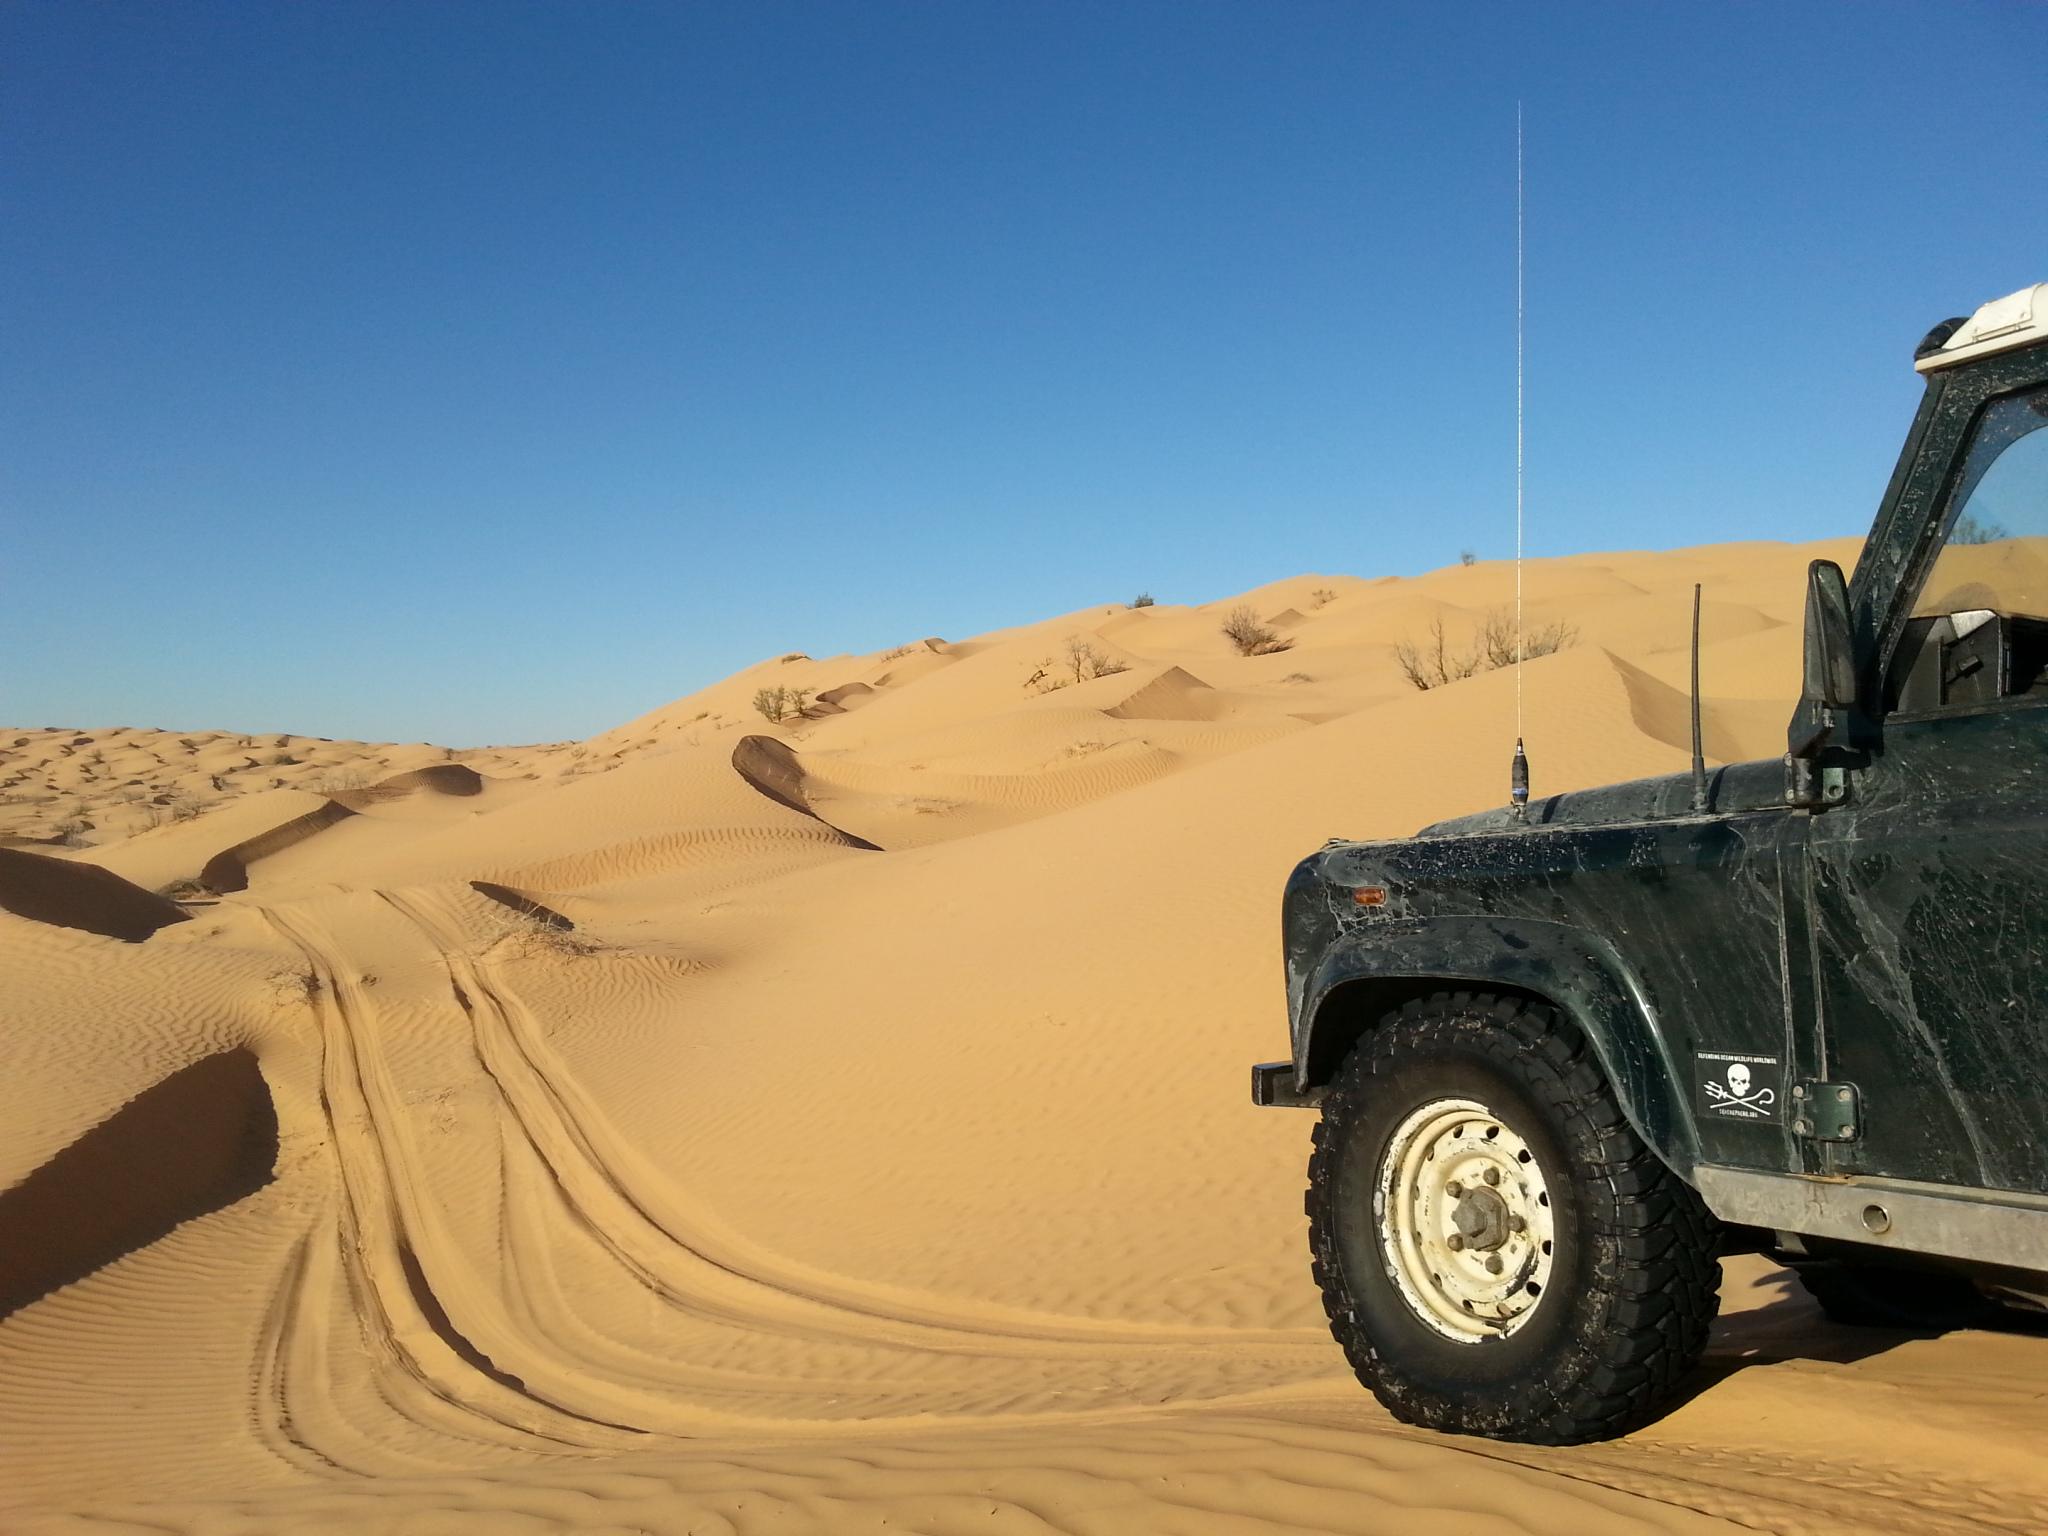 In der Wüste Tunesiens